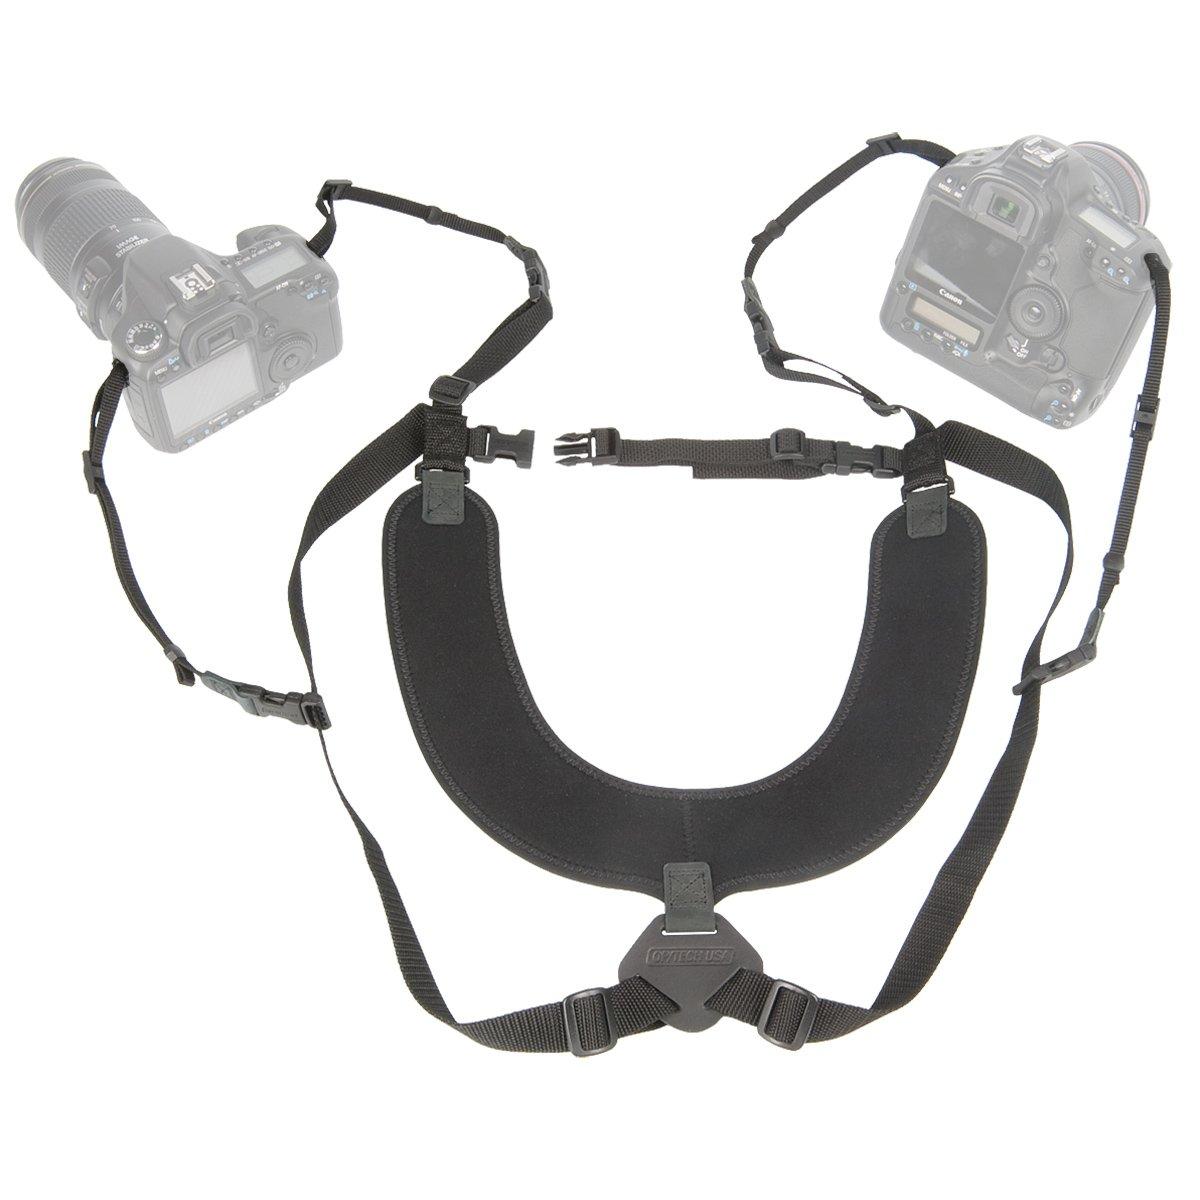 OP/TECH USA Dual Harness-Regular, Black 6501032